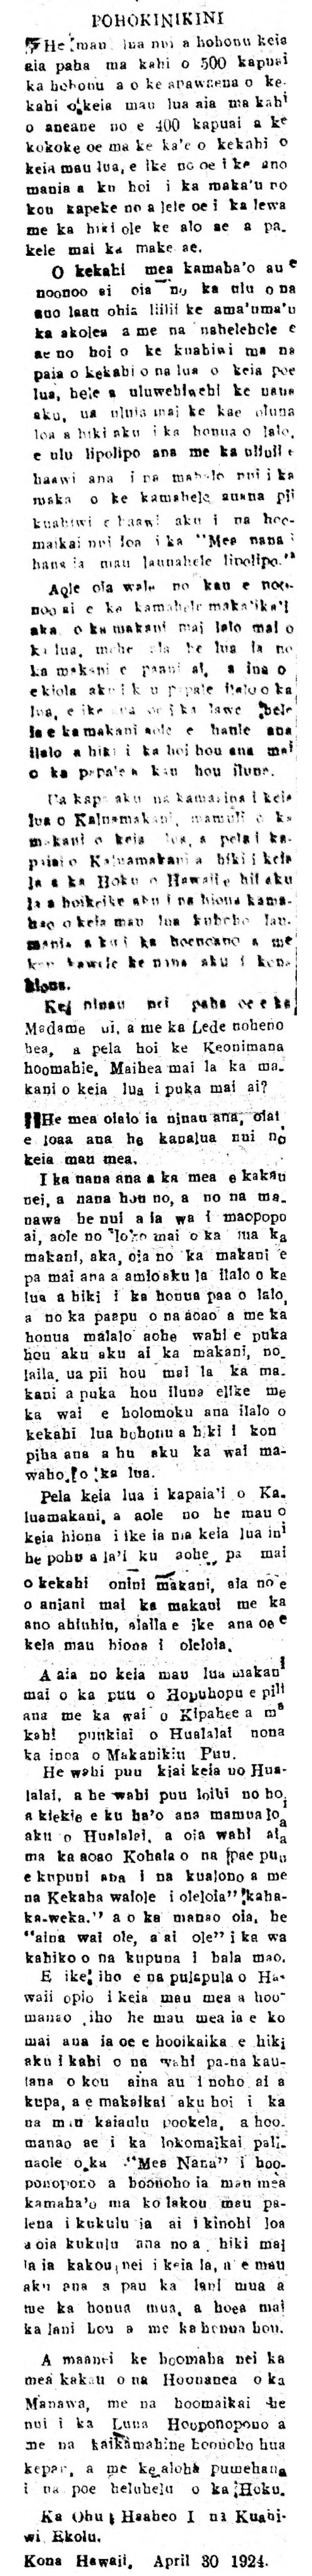 Na Hoonanea o ka Manawa